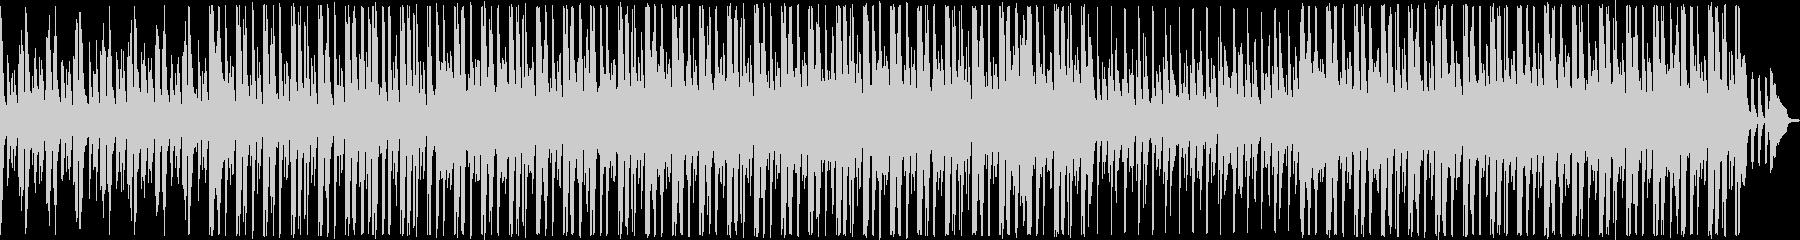 【ベース抜き】口笛の軽快なアコースティ…の未再生の波形